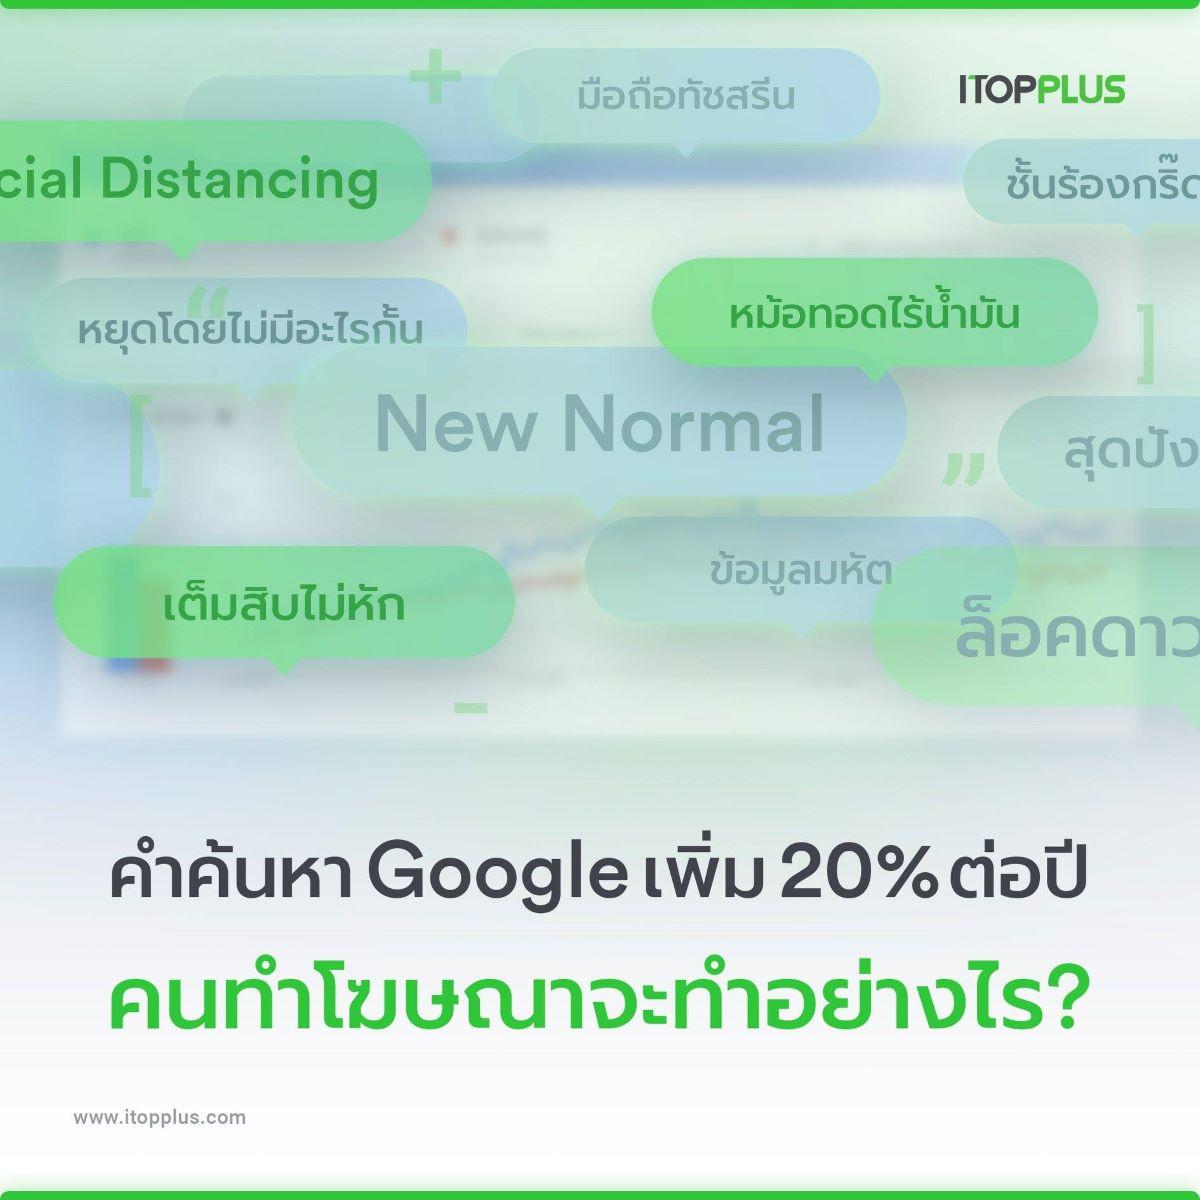 เมื่อคำค้นหาใหม่บน Google เพิ่ม 20% ทุกปี คนทำโฆษณาจะทำอย่างไร?